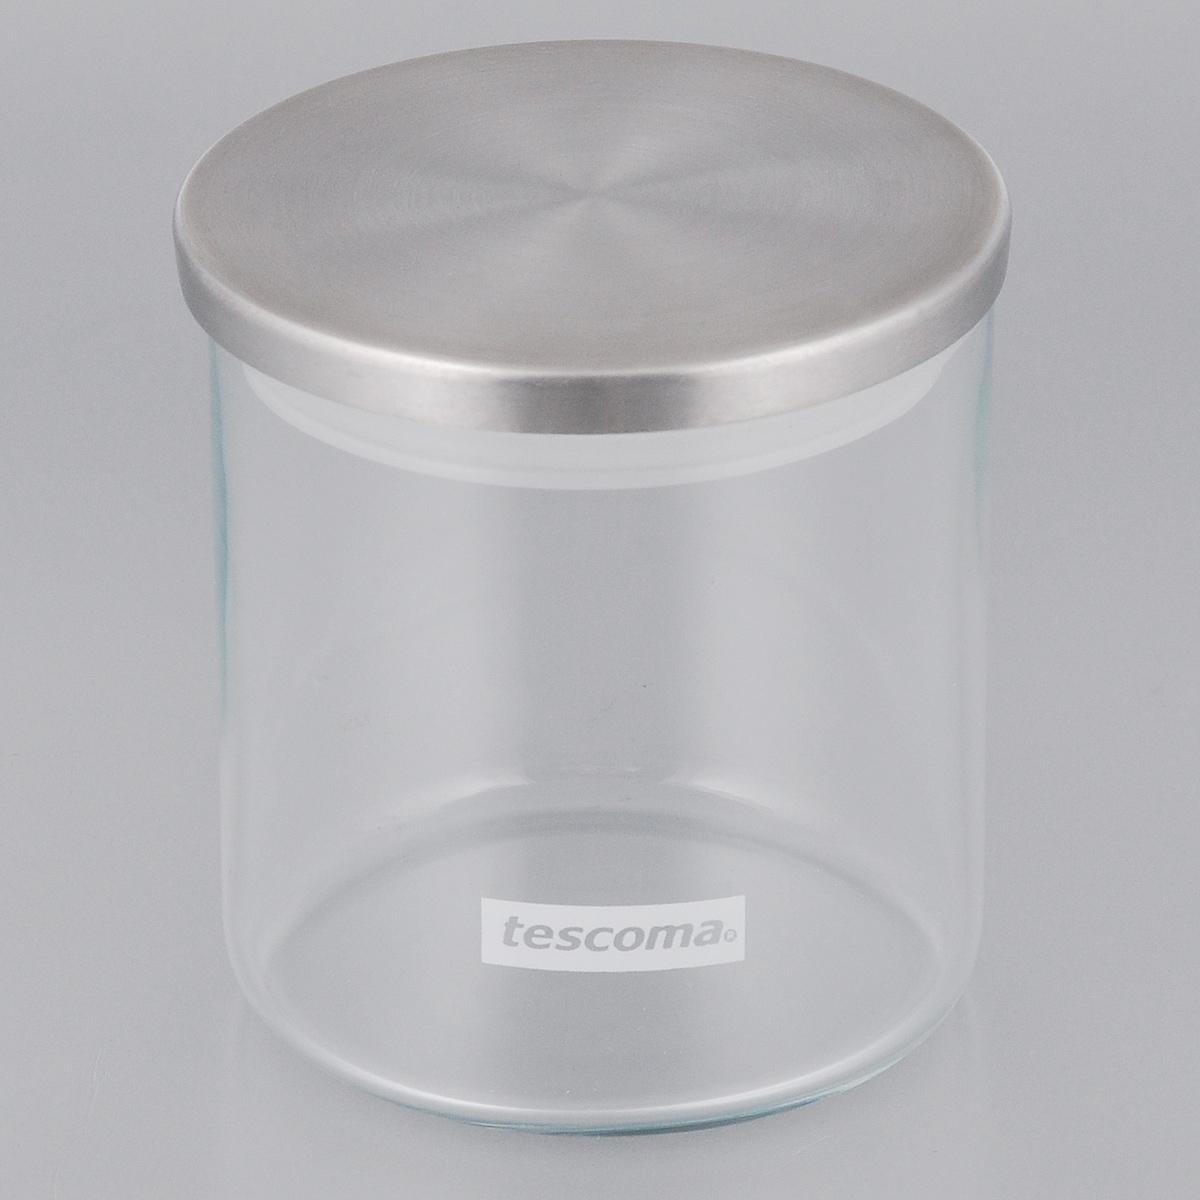 Емкость для специй Tescoma Monti, цвет: прозрачный, металлик, 0,5 л8041F60Емкость для специй Tescoma Monti, изготовленная из прочного боросиликатного стекла, позволит вам хранить разнообразные специи. Емкость оснащена плотно прилегающей крышкой, изготовленной из первоклассной нержавеющей стали и прочной пластмассы и снабженная силиконовой прокладкой. Емкость для хранения специй станет незаменимым помощником на кухне.Можно мыть в посудомоечной машине, крышку - нельзя. Диаметр по верхнему краю: 9,5 см.Диаметр дна: 9 см.Высота без учета крышки: 10 см.Высота с учетом крышки: 10,5 см.Объем: 0,5 л.